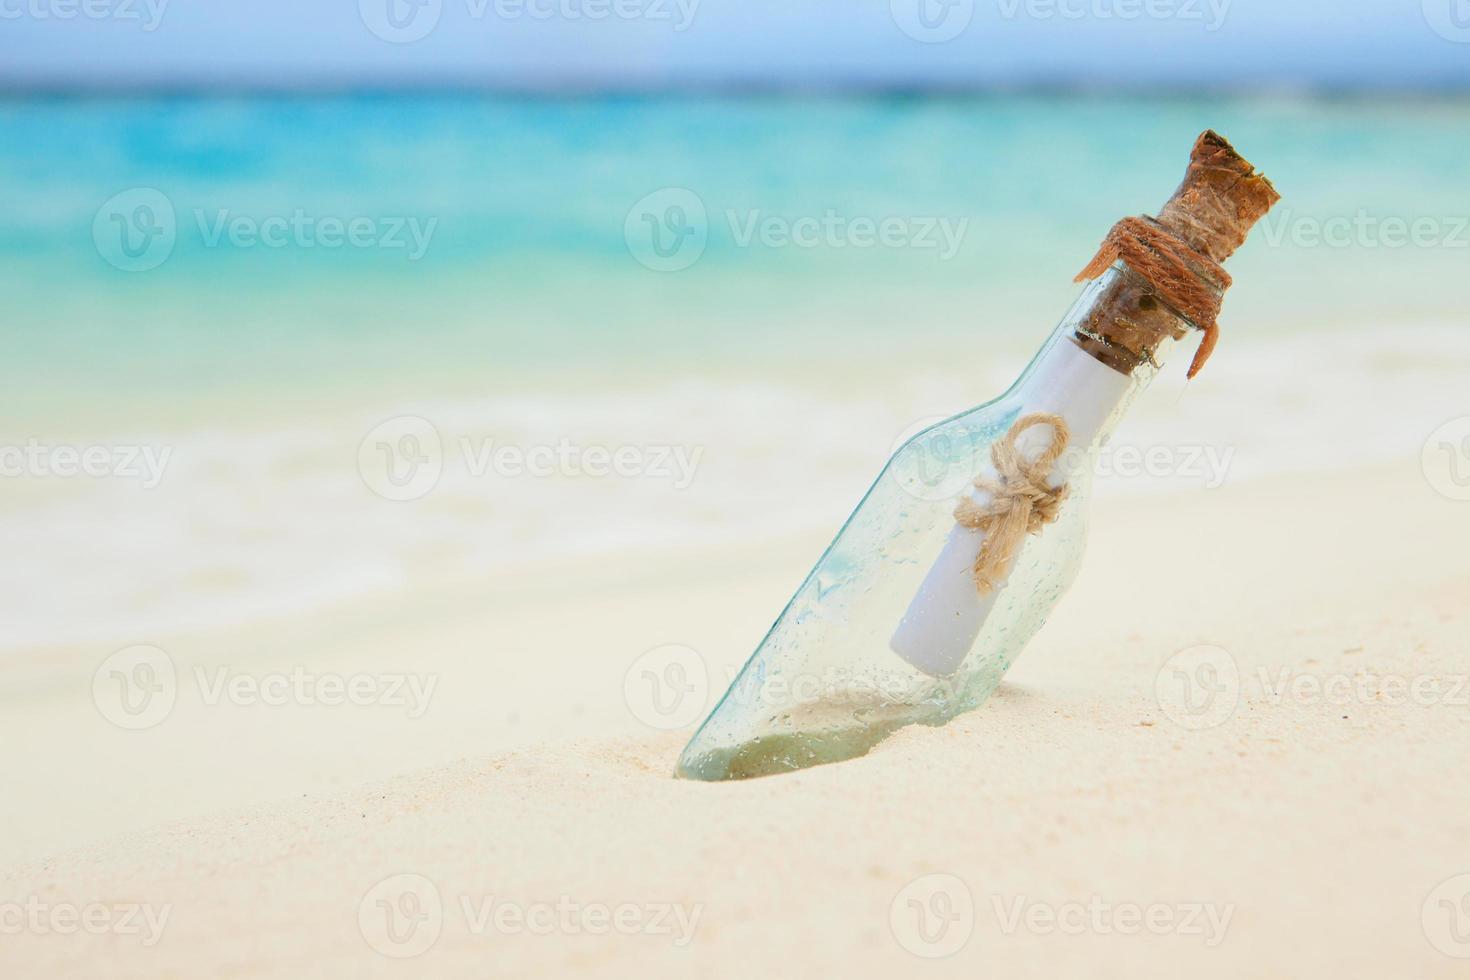 lettera in una bottiglia sulla spiaggia foto